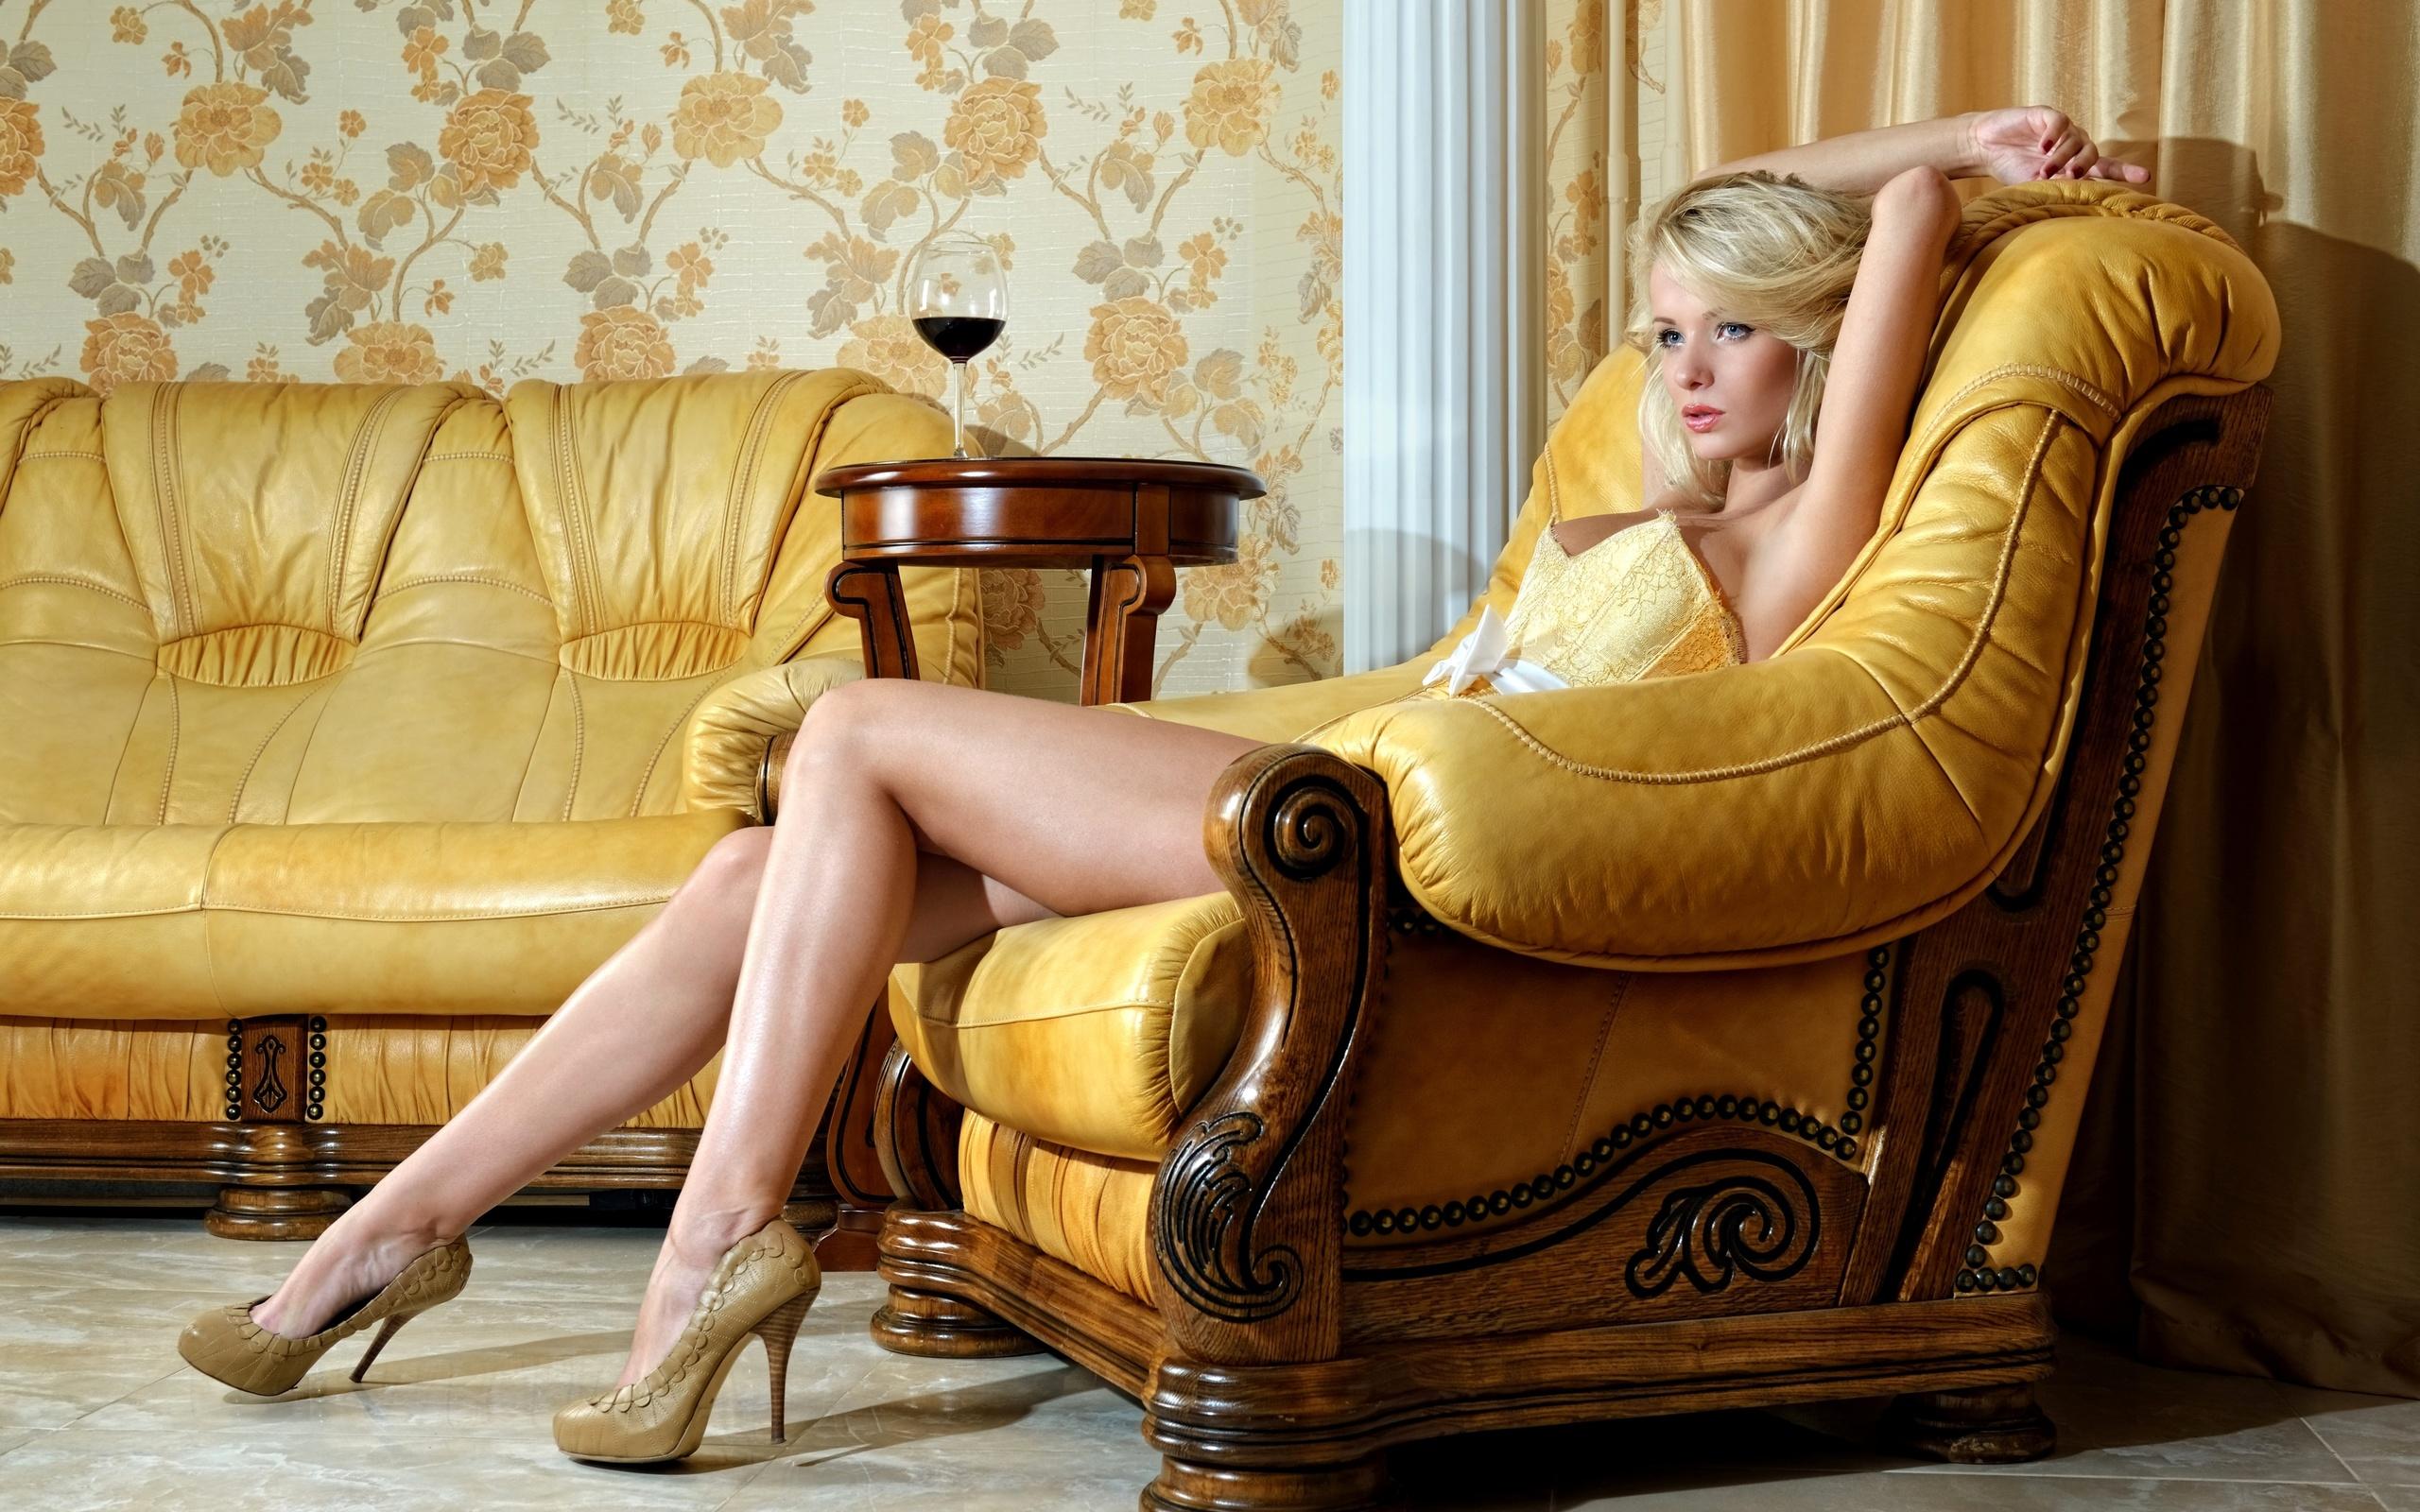 Фото блондинок в кресле 3 фотография